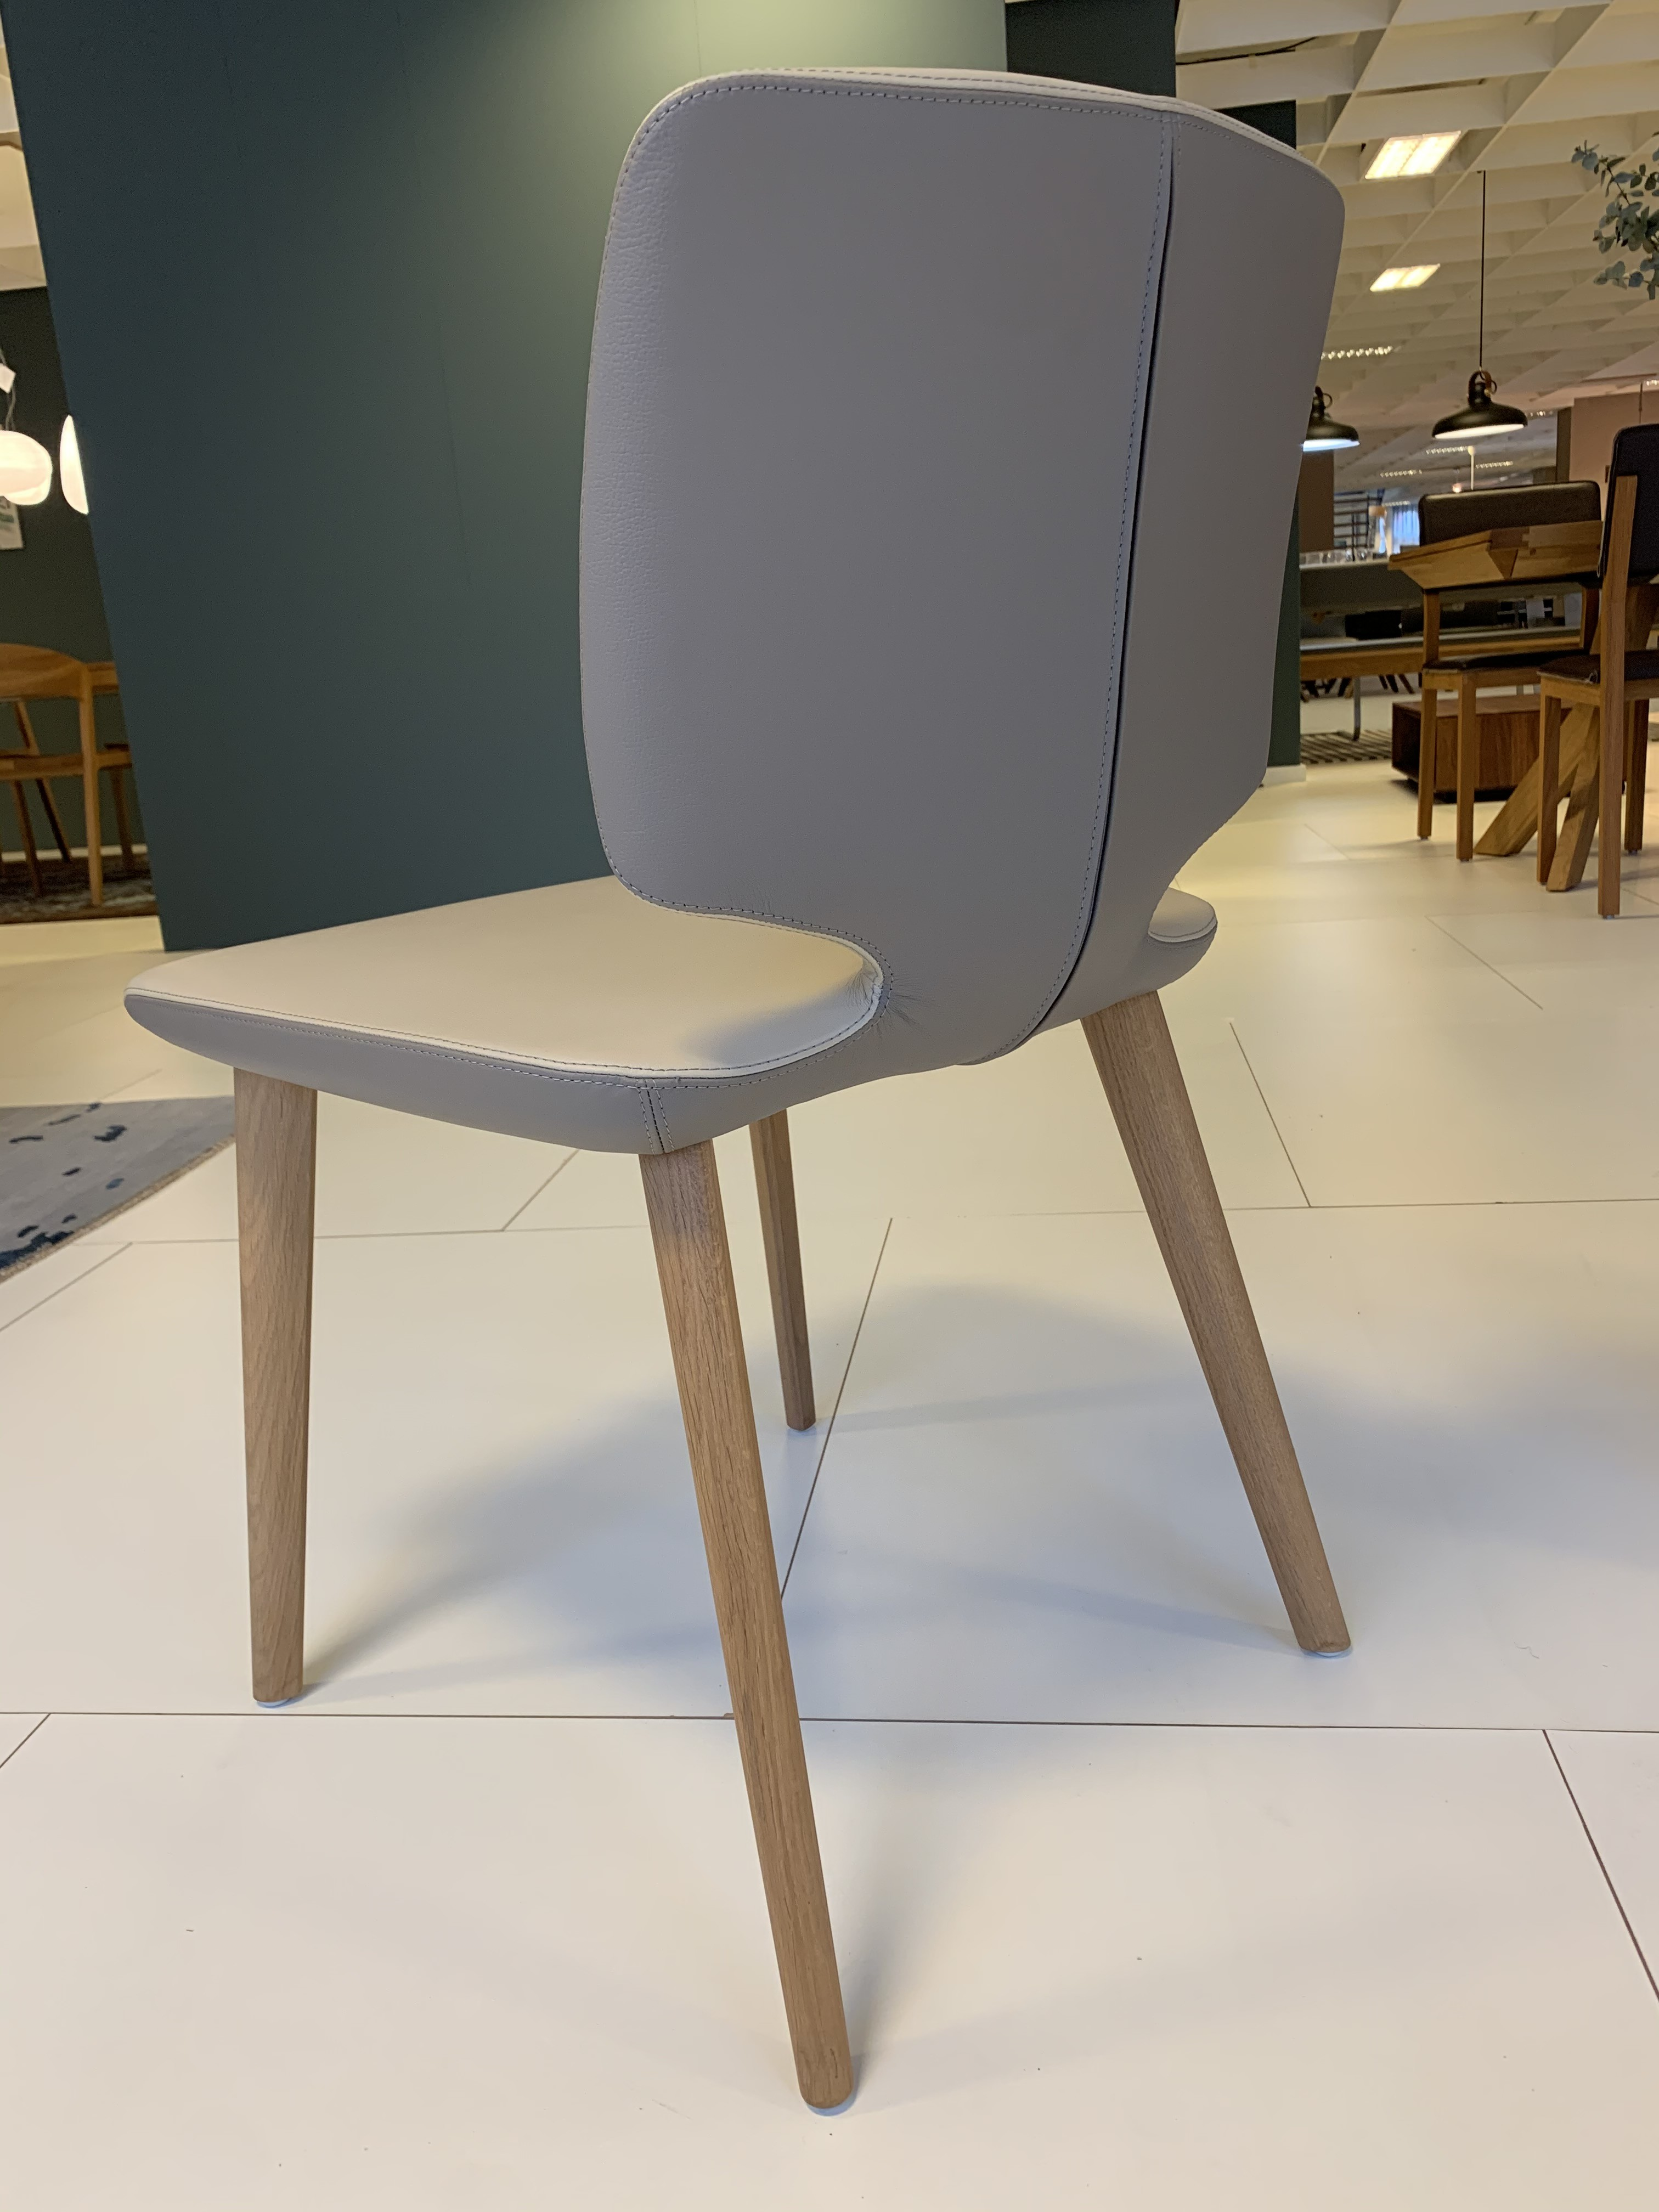 Esskombintation Tisch und Stühle (4 STK) Team7 08